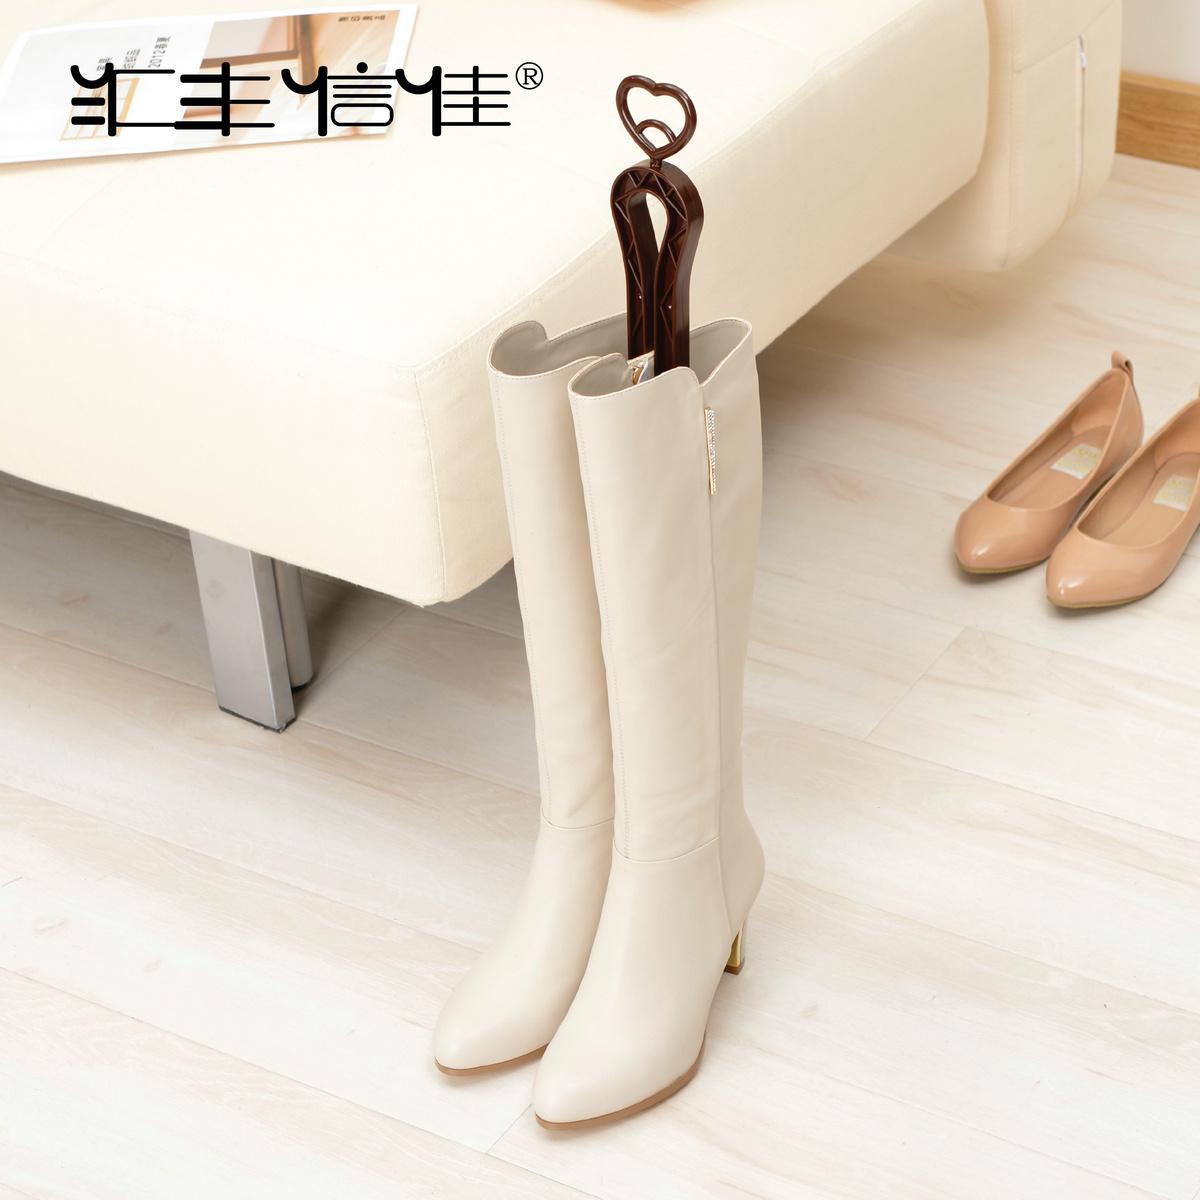 Домой удлинять обувной поддержка к югу долго ботинки поддержка обувной клип ботинок клип обувь помогите рука пластик высокий стереотипы поддержка обувной устройство